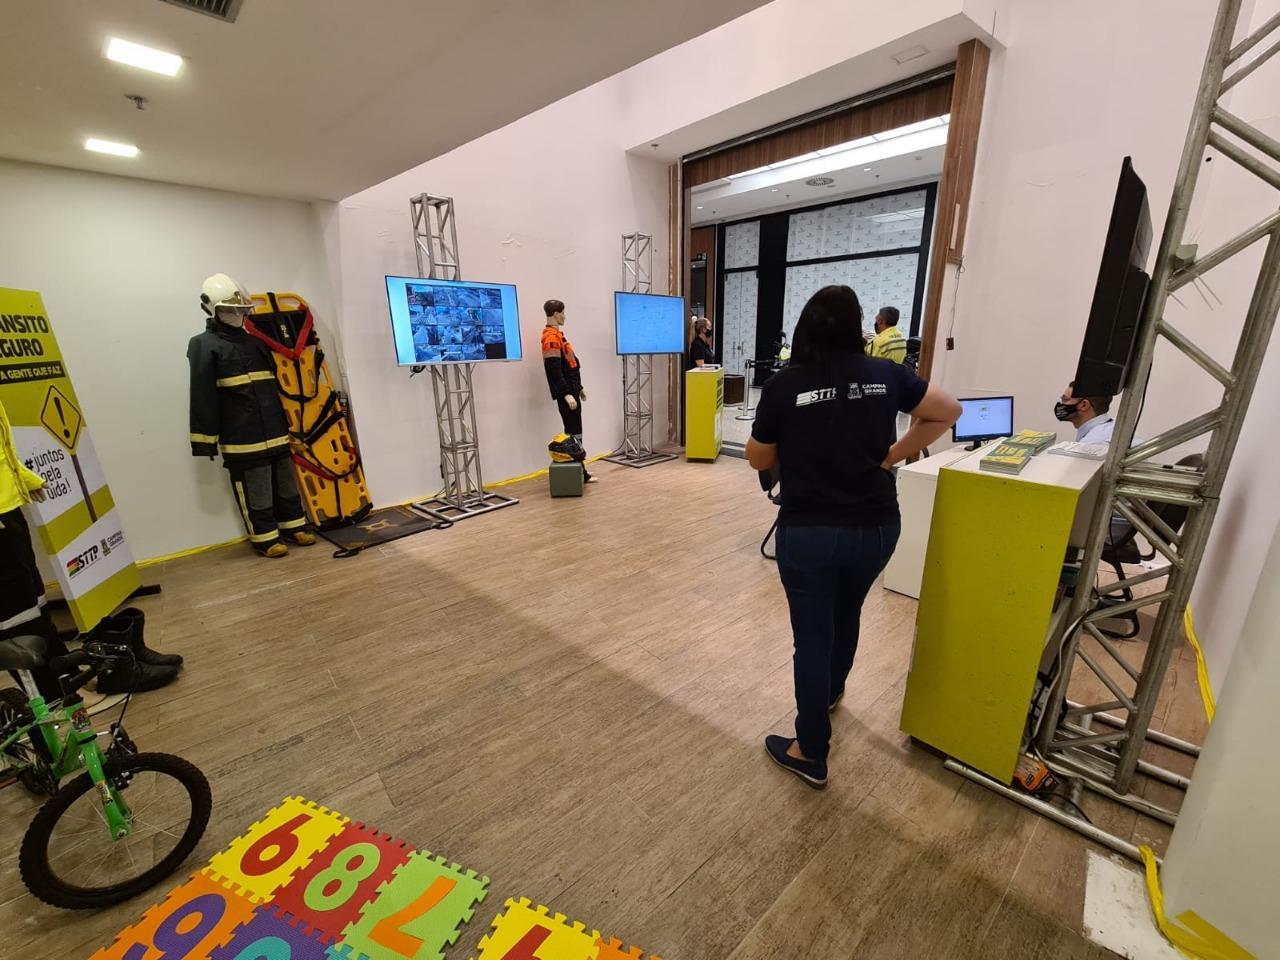 c4ca4238a0b923820dcc509a6f75849b 8 - STTP realiza ações da Semana Nacional de Trânsito em Shopping de Campina Grande